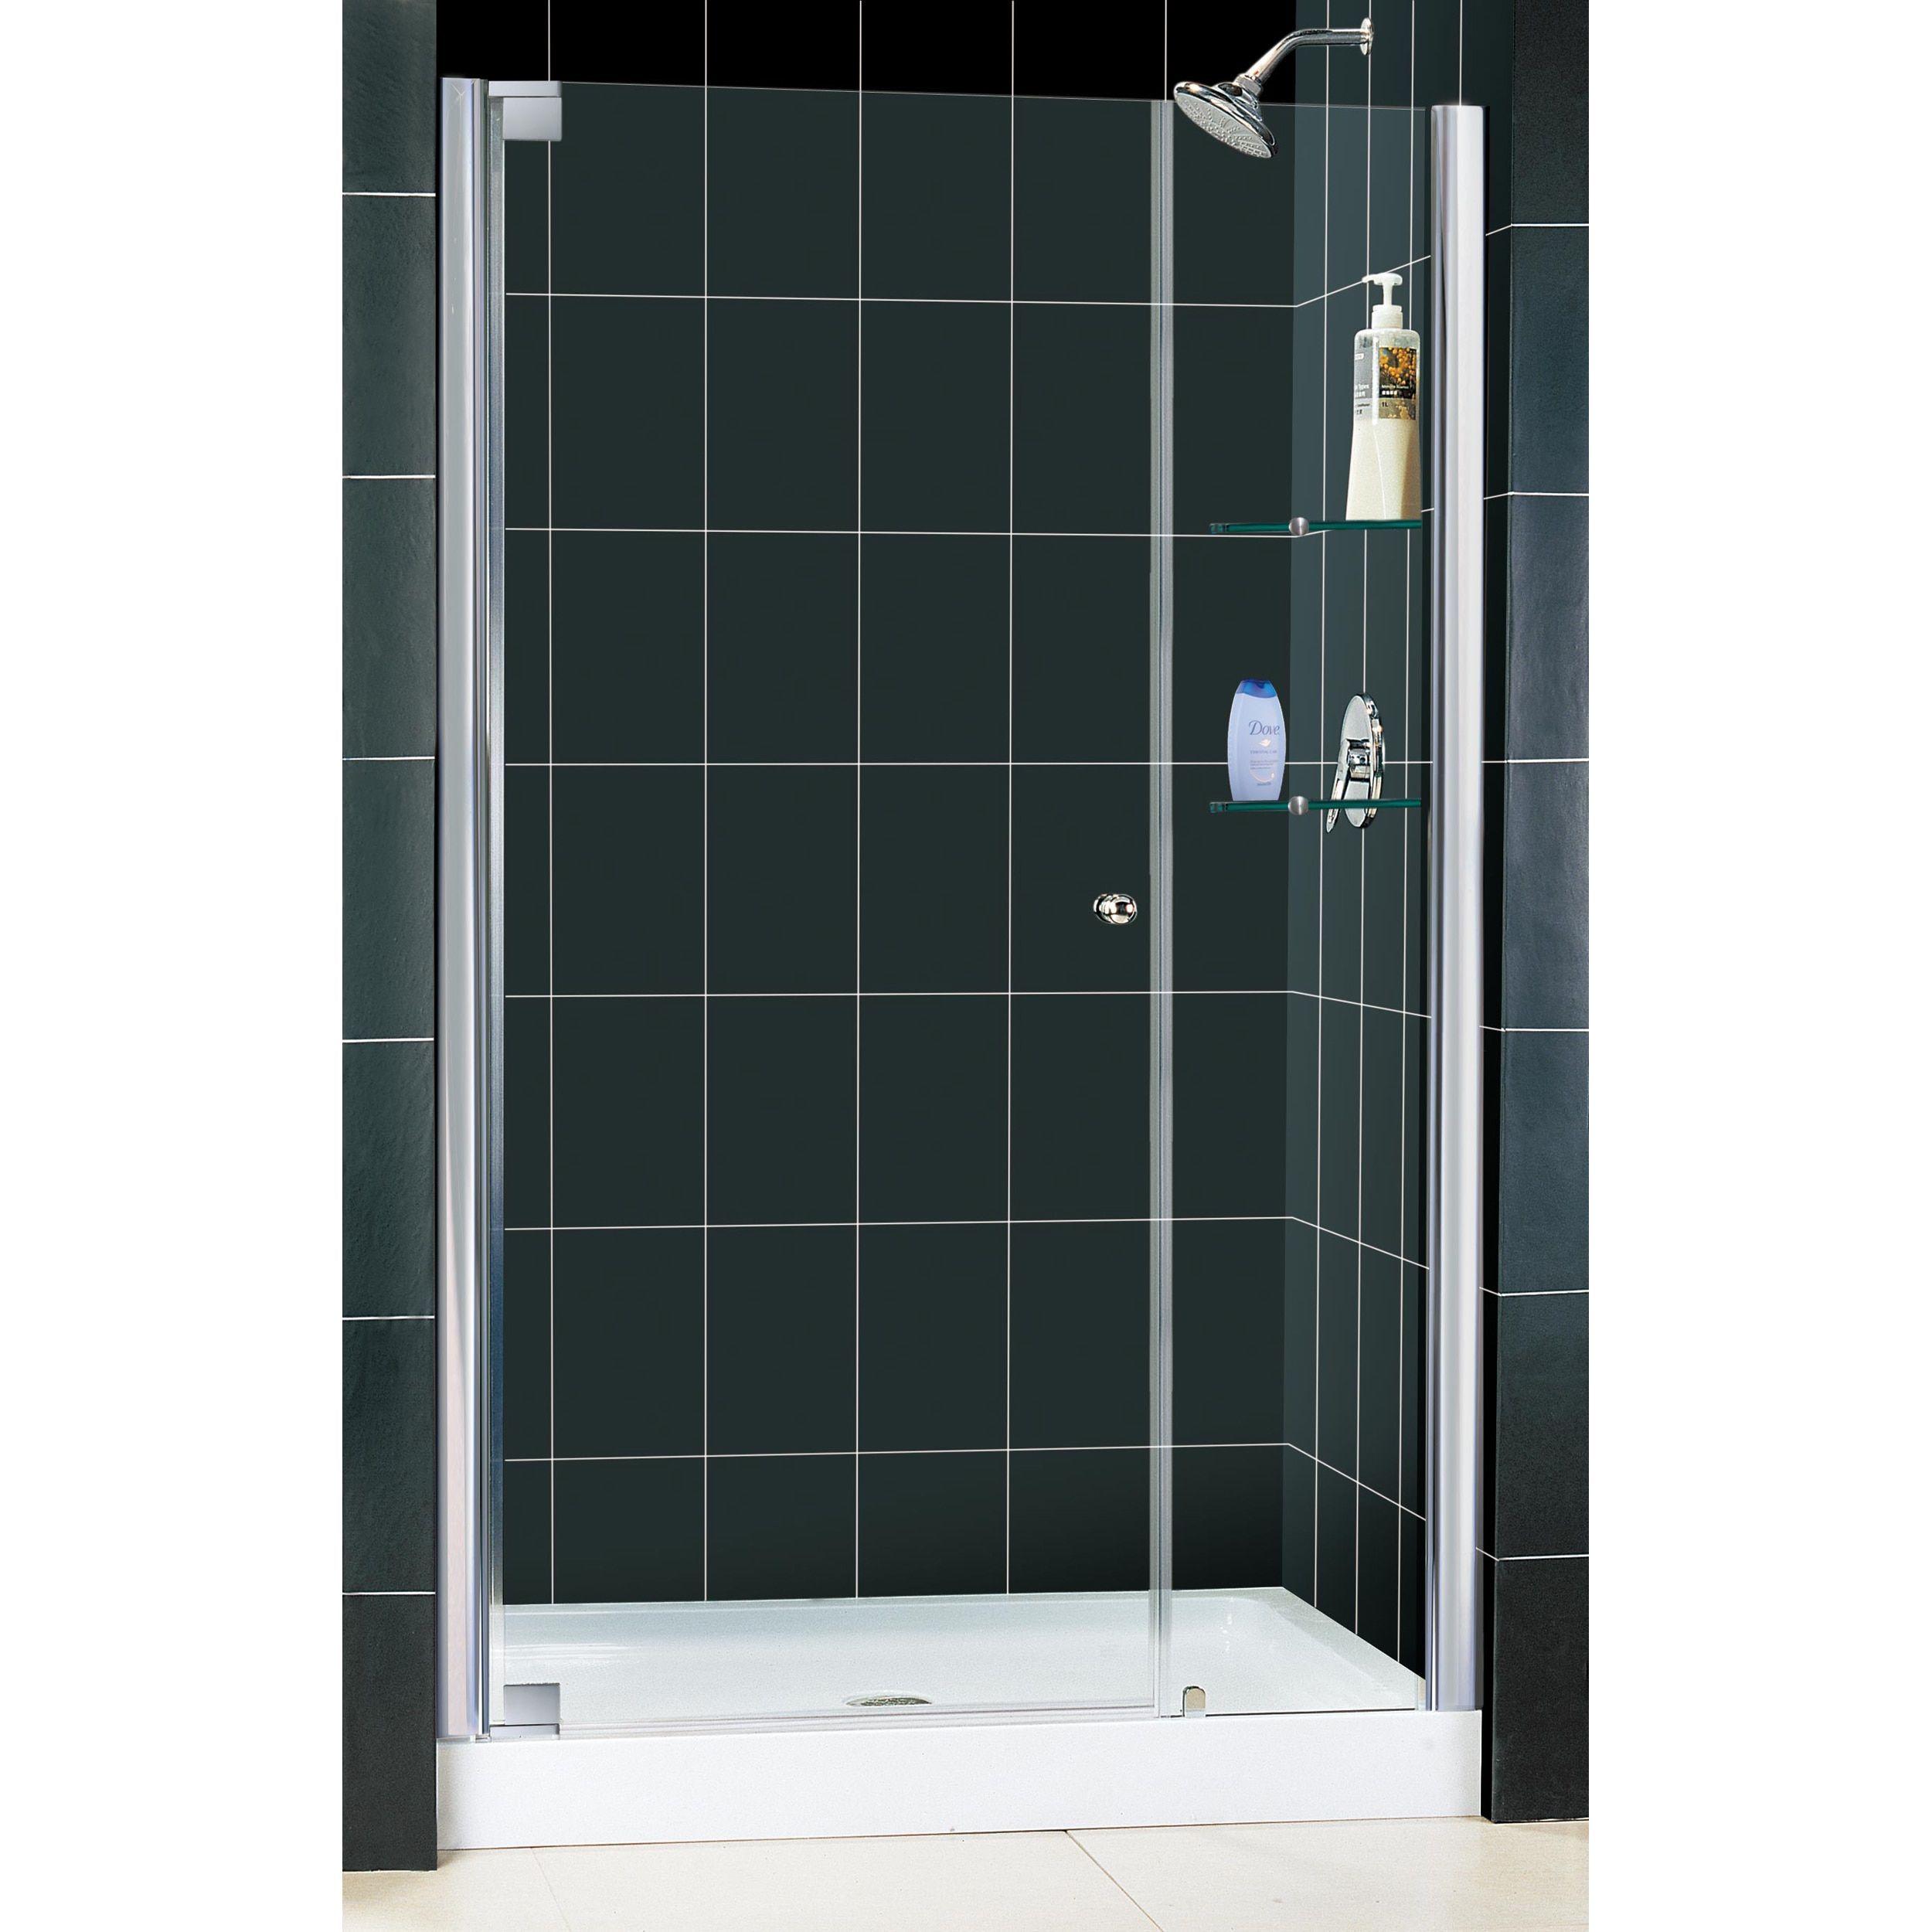 Dreamline Elegance Frameless Pivot Shower Door And Slimline 36 In